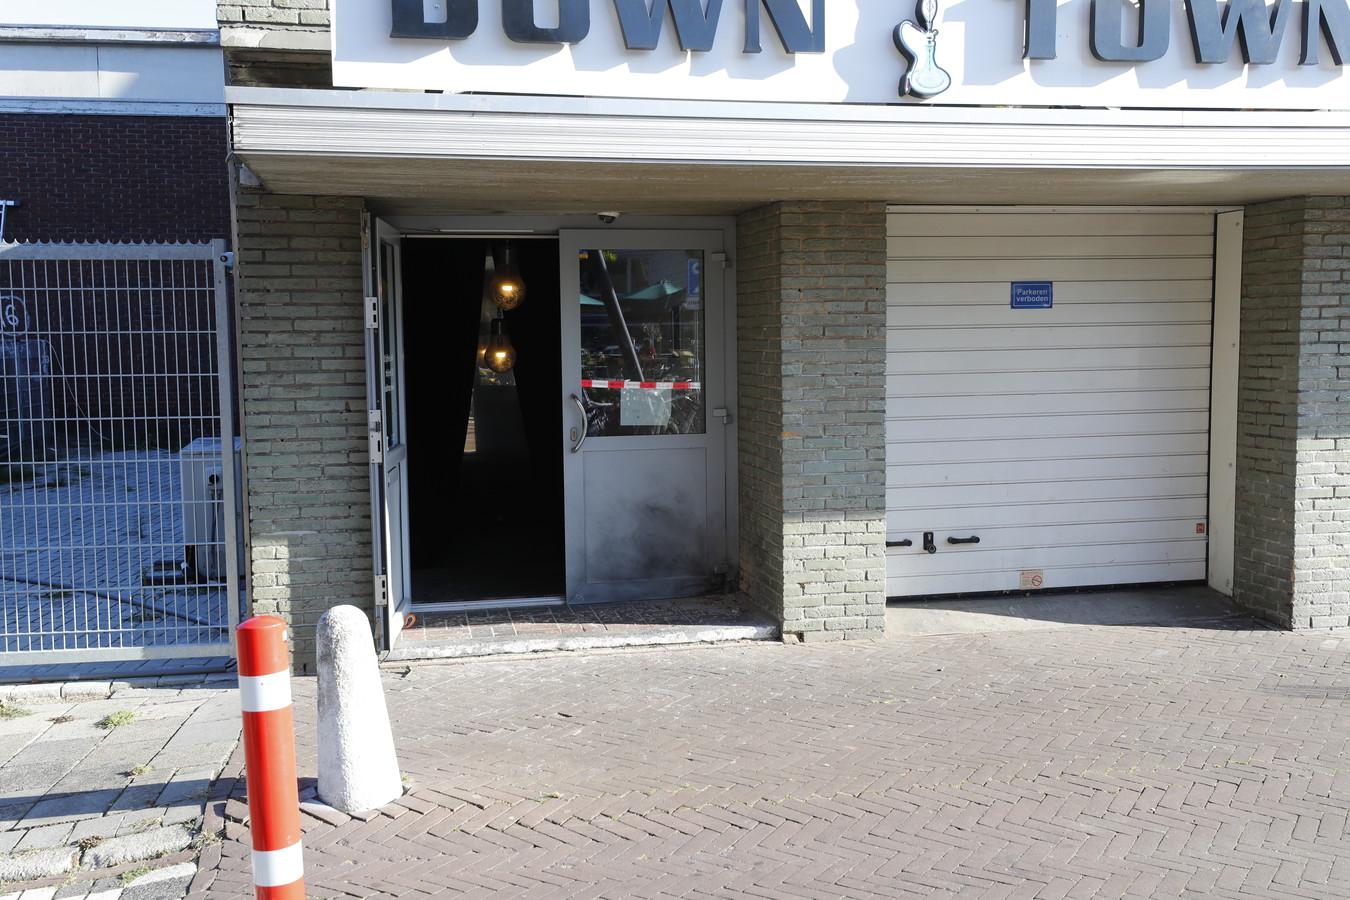 Bij shishalounge Down Town aan de Leenderweg in Eindhoven ontplofte in de nacht van vrijdag op zaterdag een handgranaat.